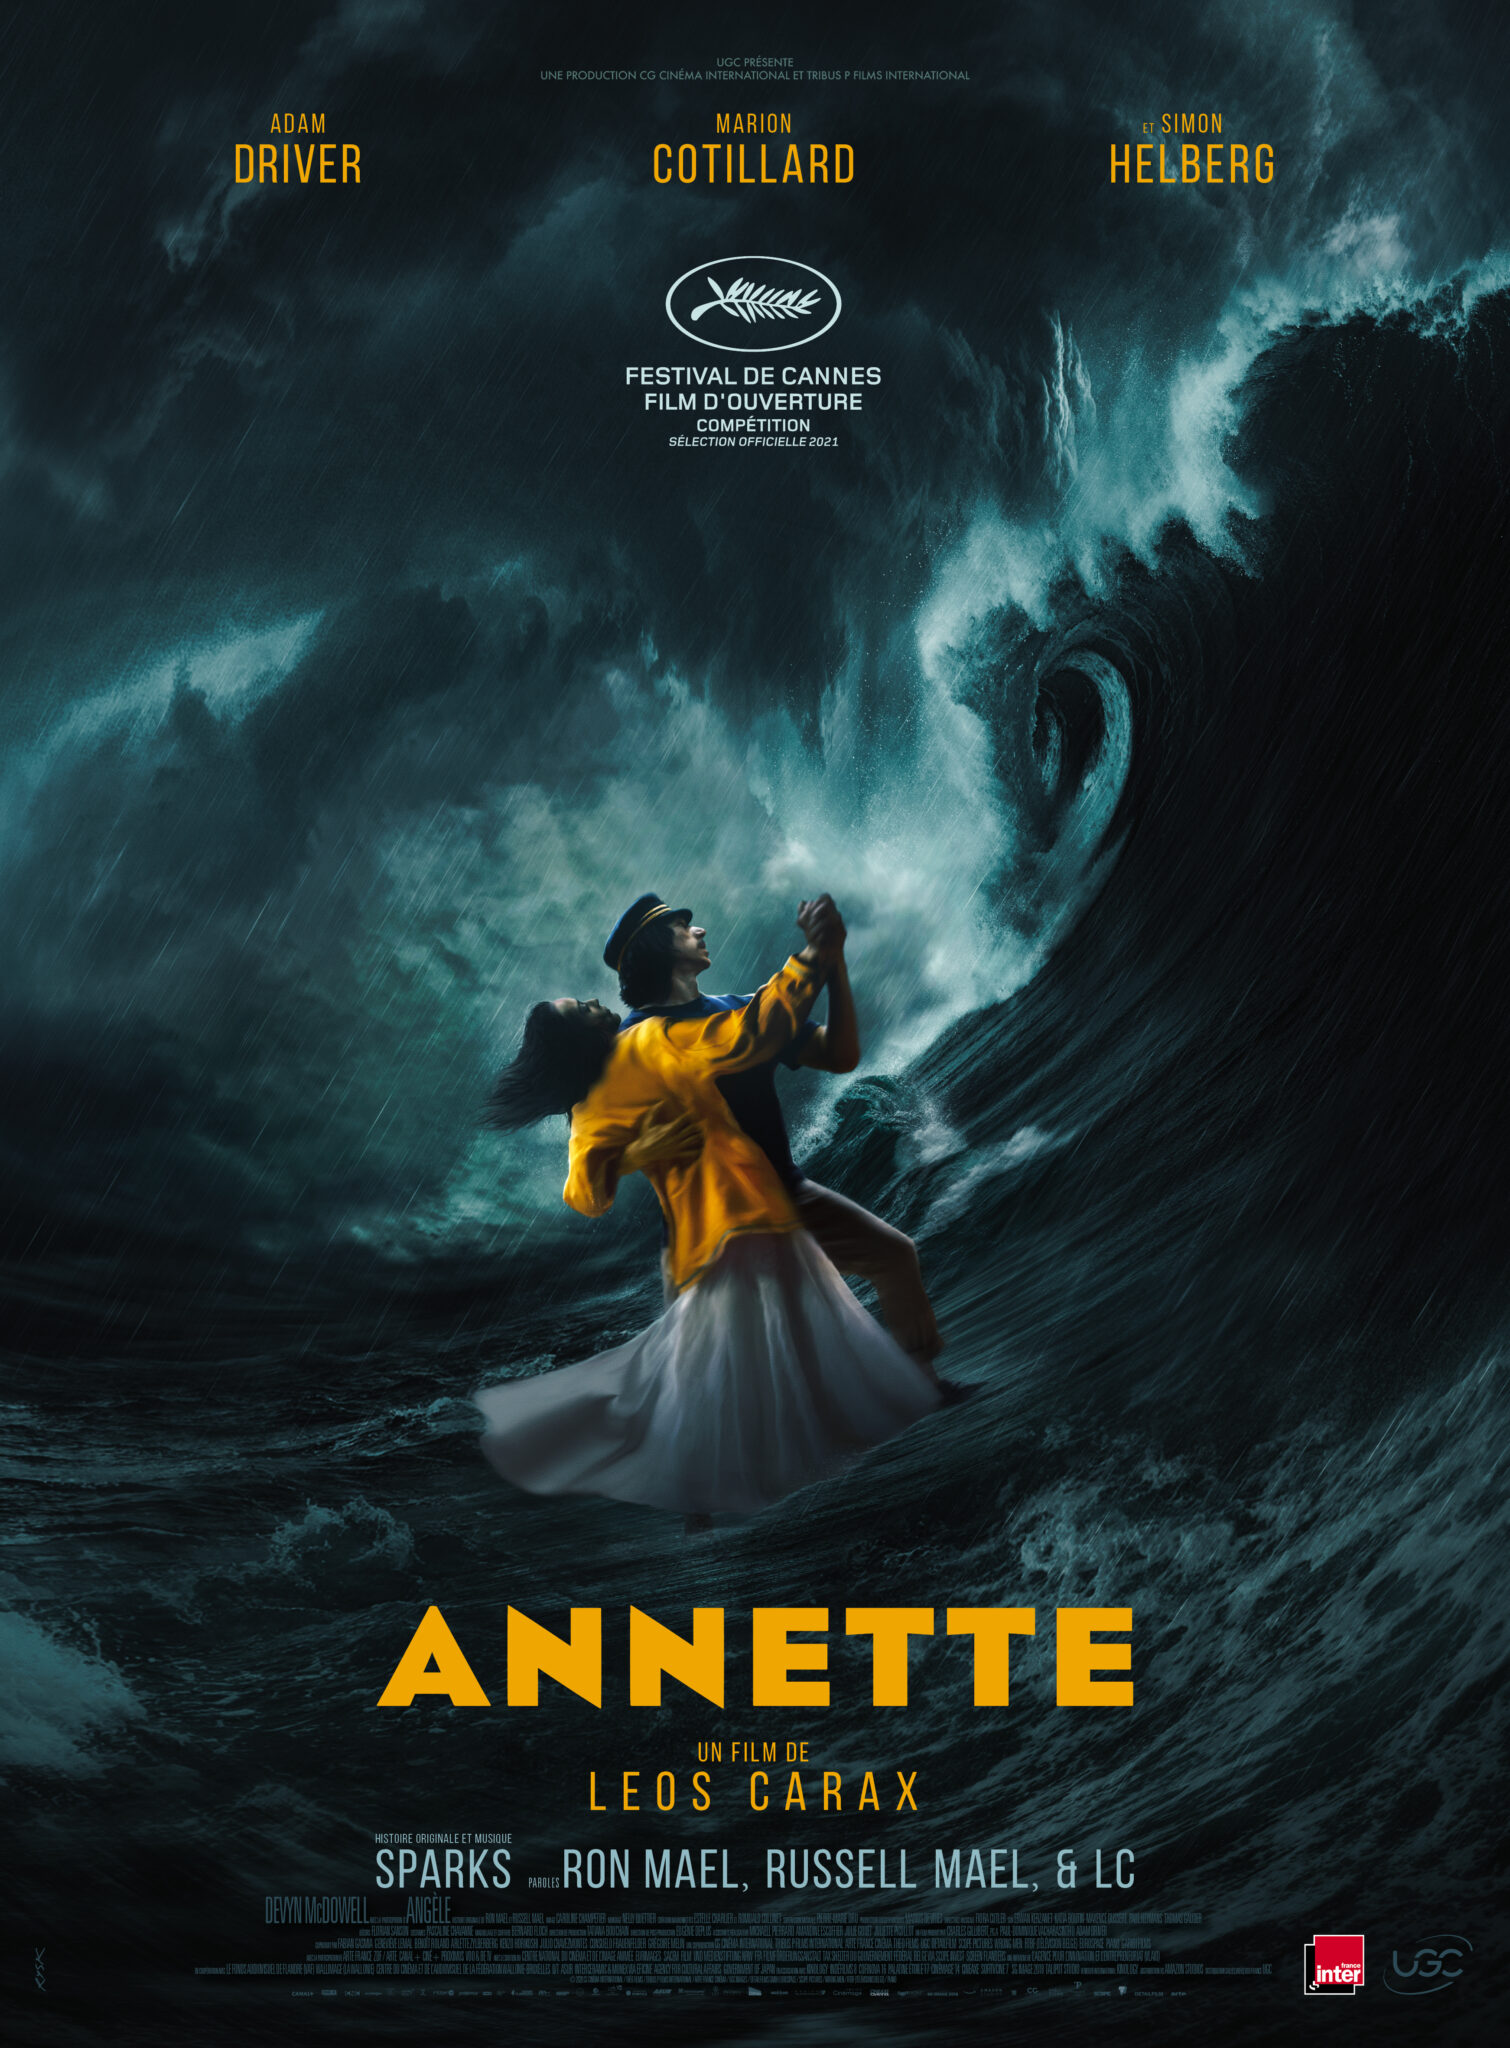 Affiche Annette critique film avis